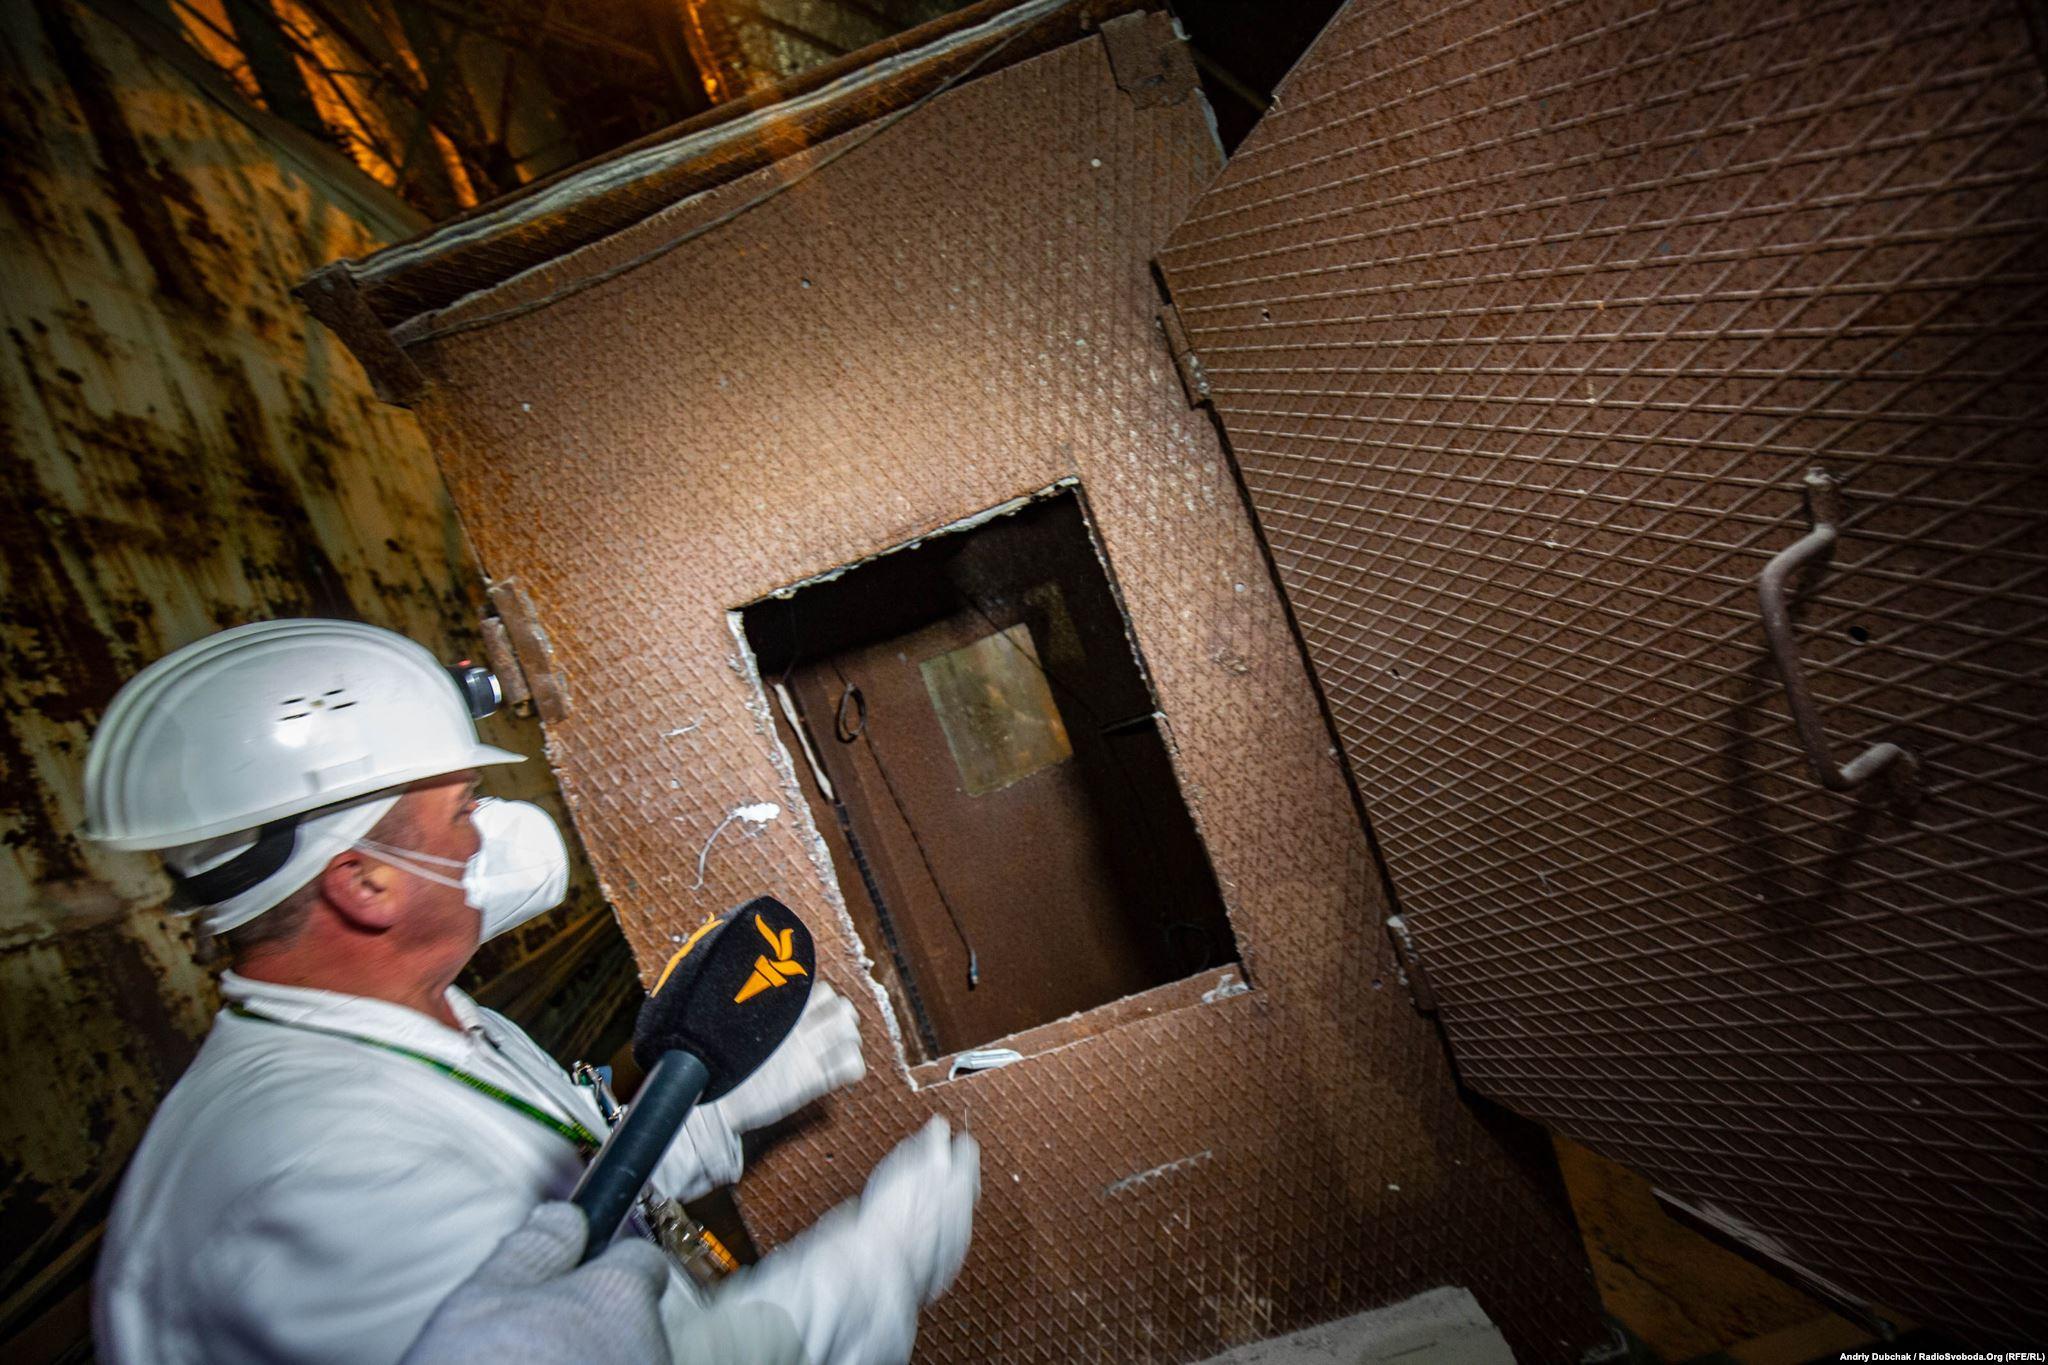 Захищена свинцем «будка дозиметриста»: кран спускав цю конструкцію з людиною всередині до зруйнованих вибухом приміщень (Photographer: Andriy Dubchak)